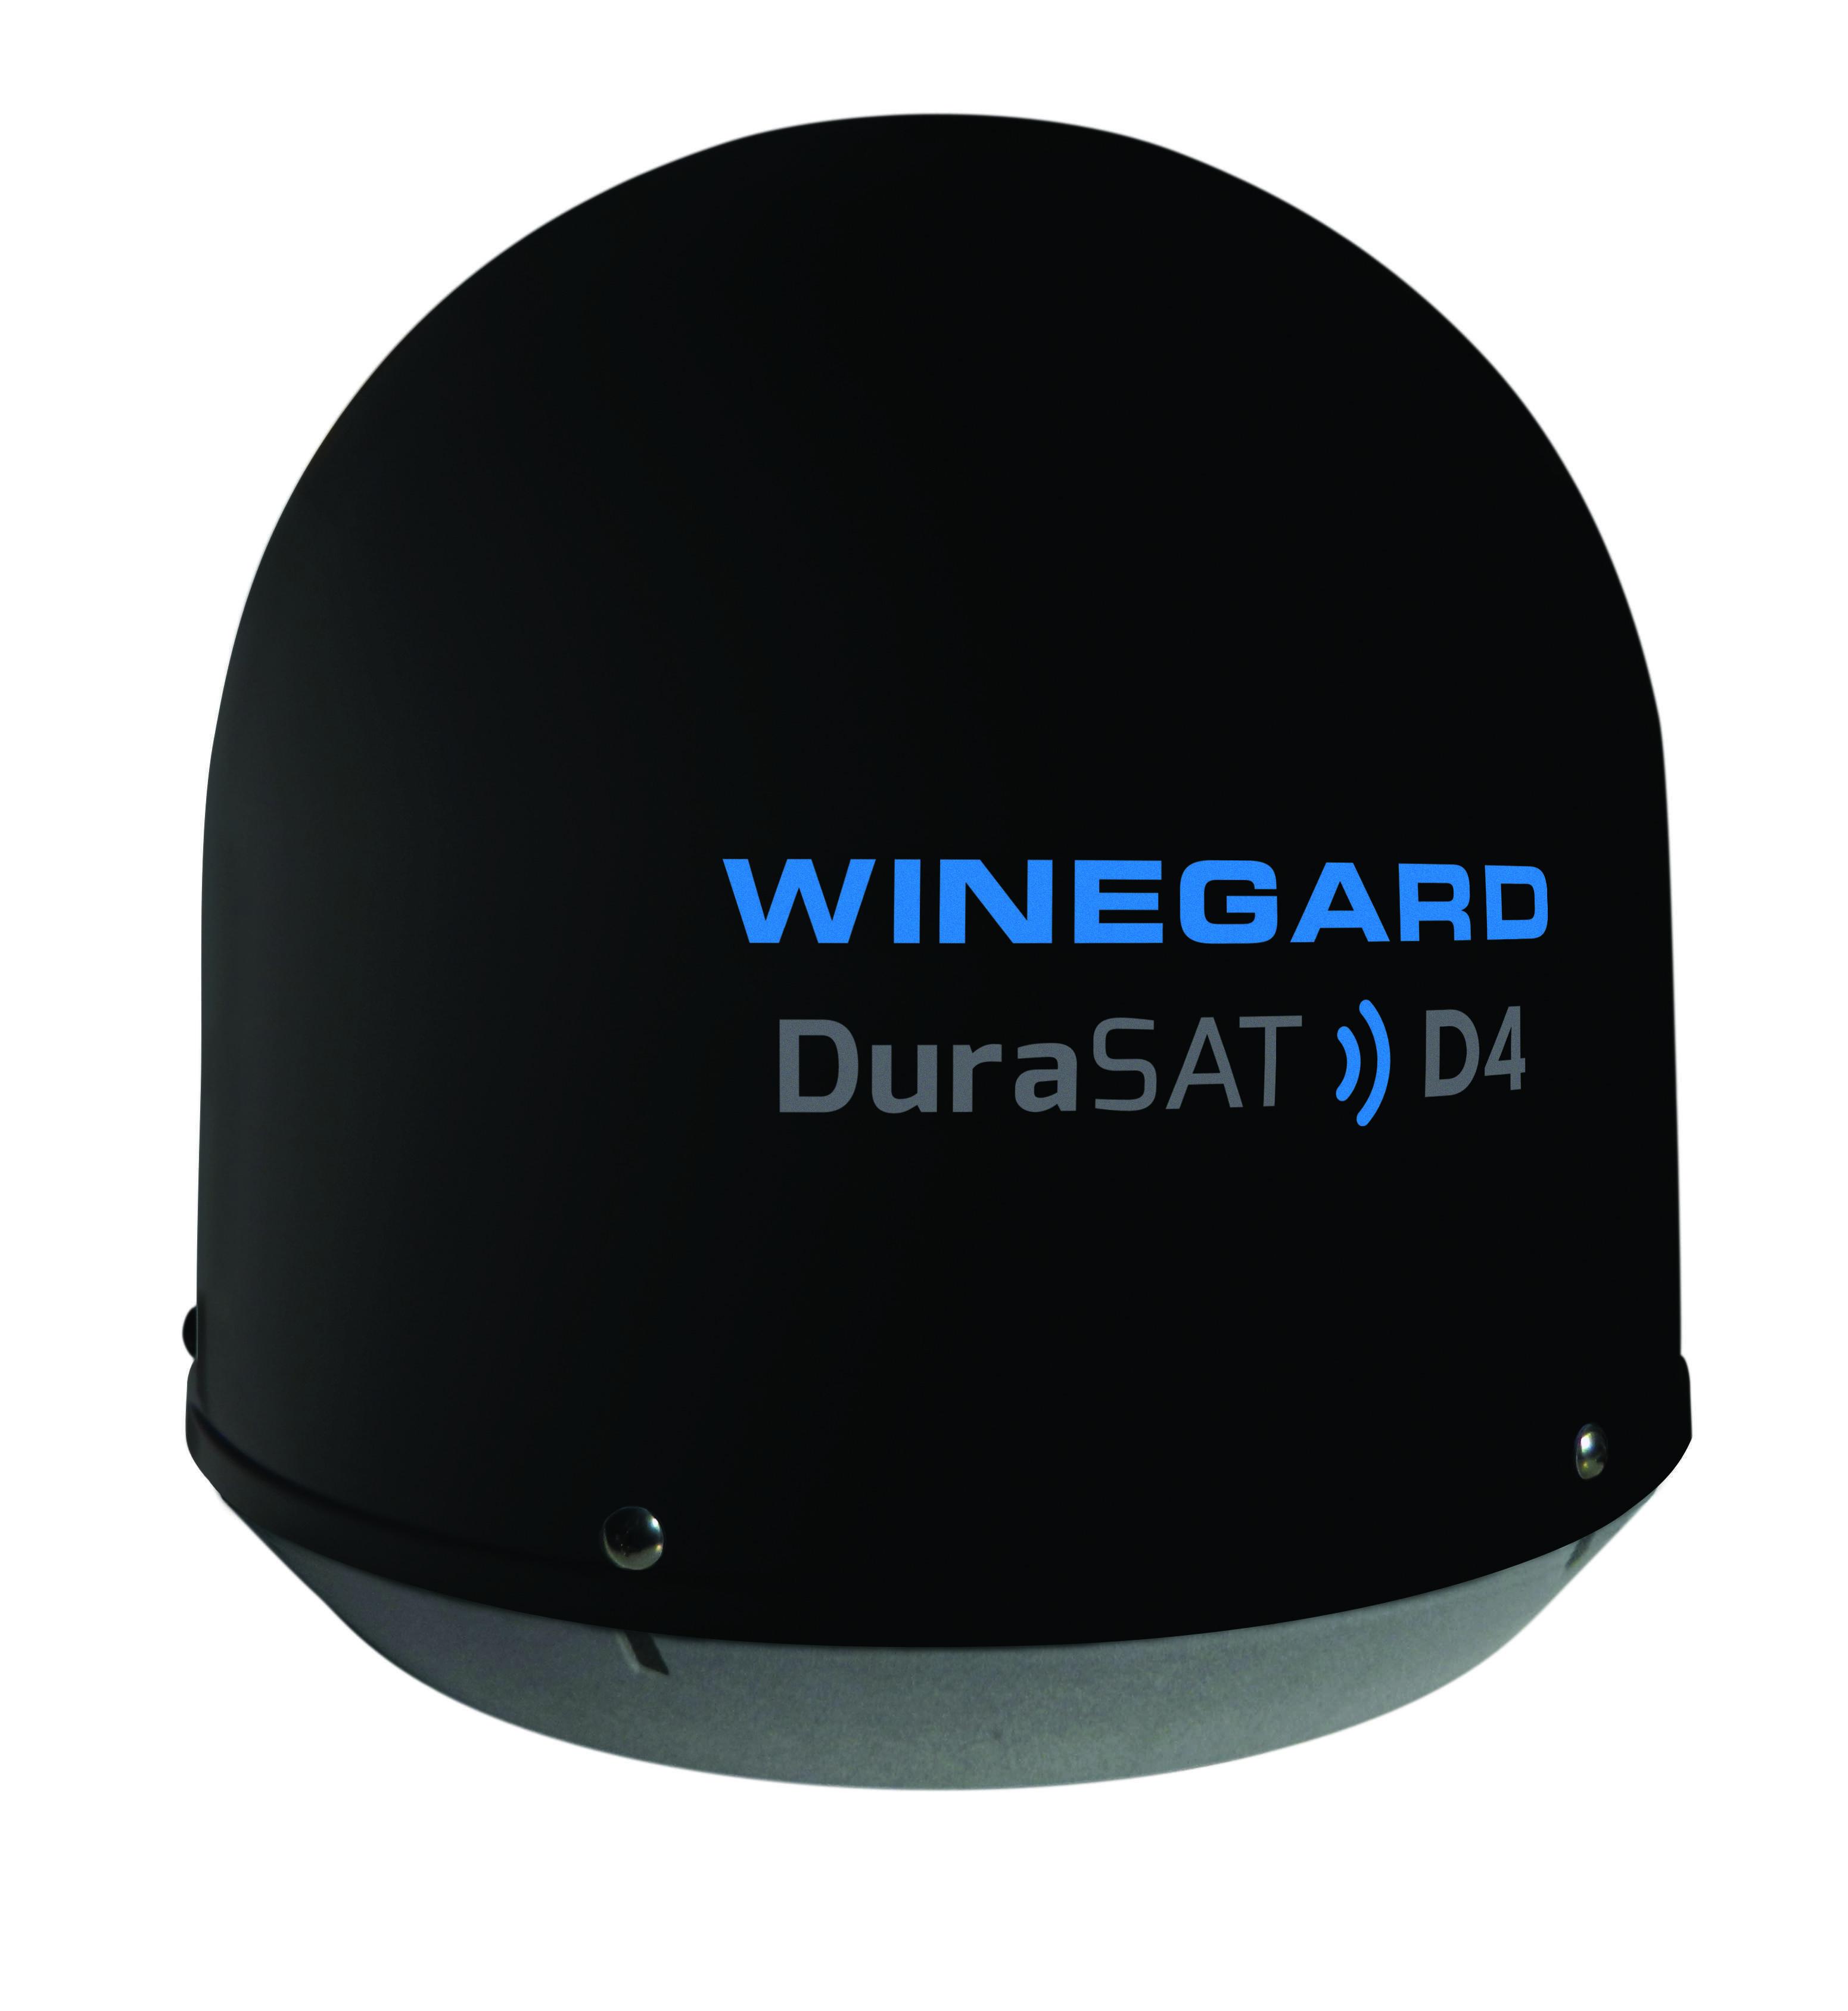 Winegard DuraSat D4 Satellite TV Antenna